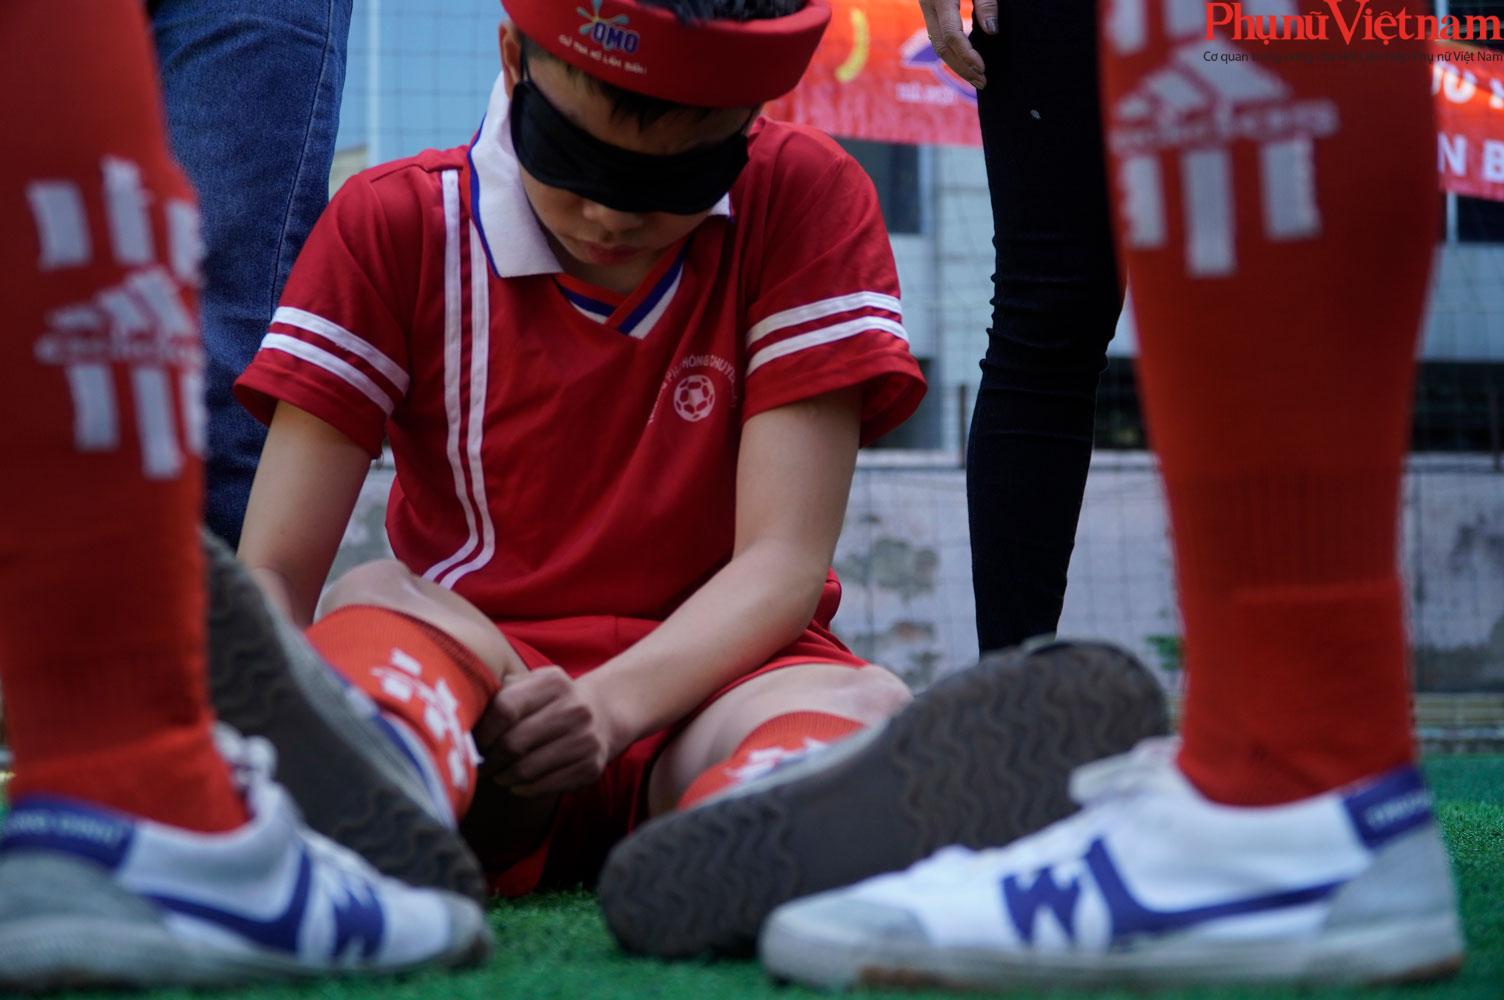 """Trận bóng đá đặc biệt của những đứa trẻ """"đá bóng bằng tai""""  - Ảnh 22."""